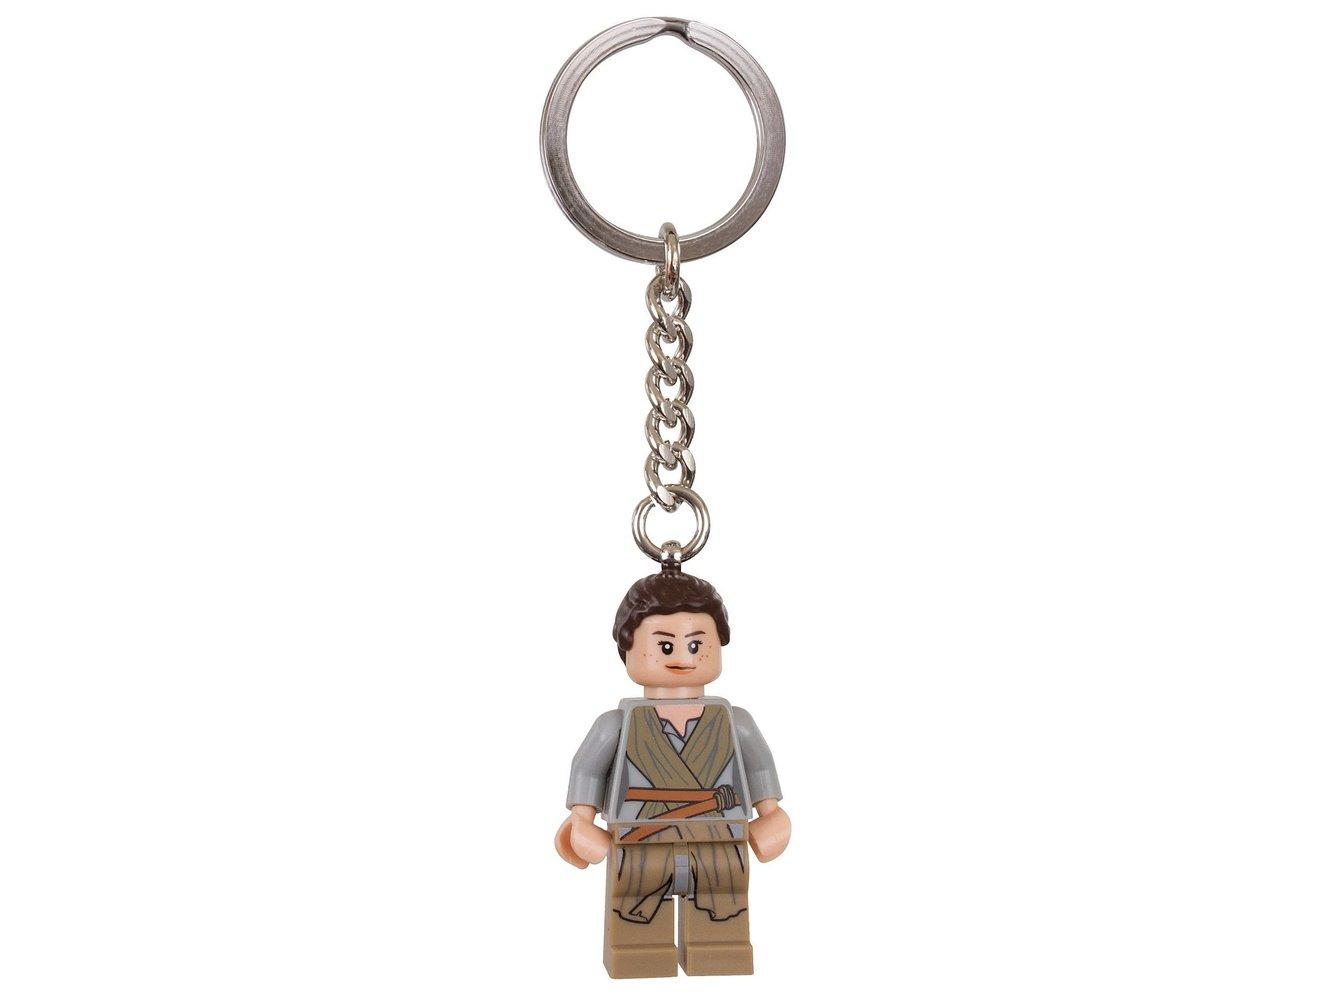 Rey Key Chain